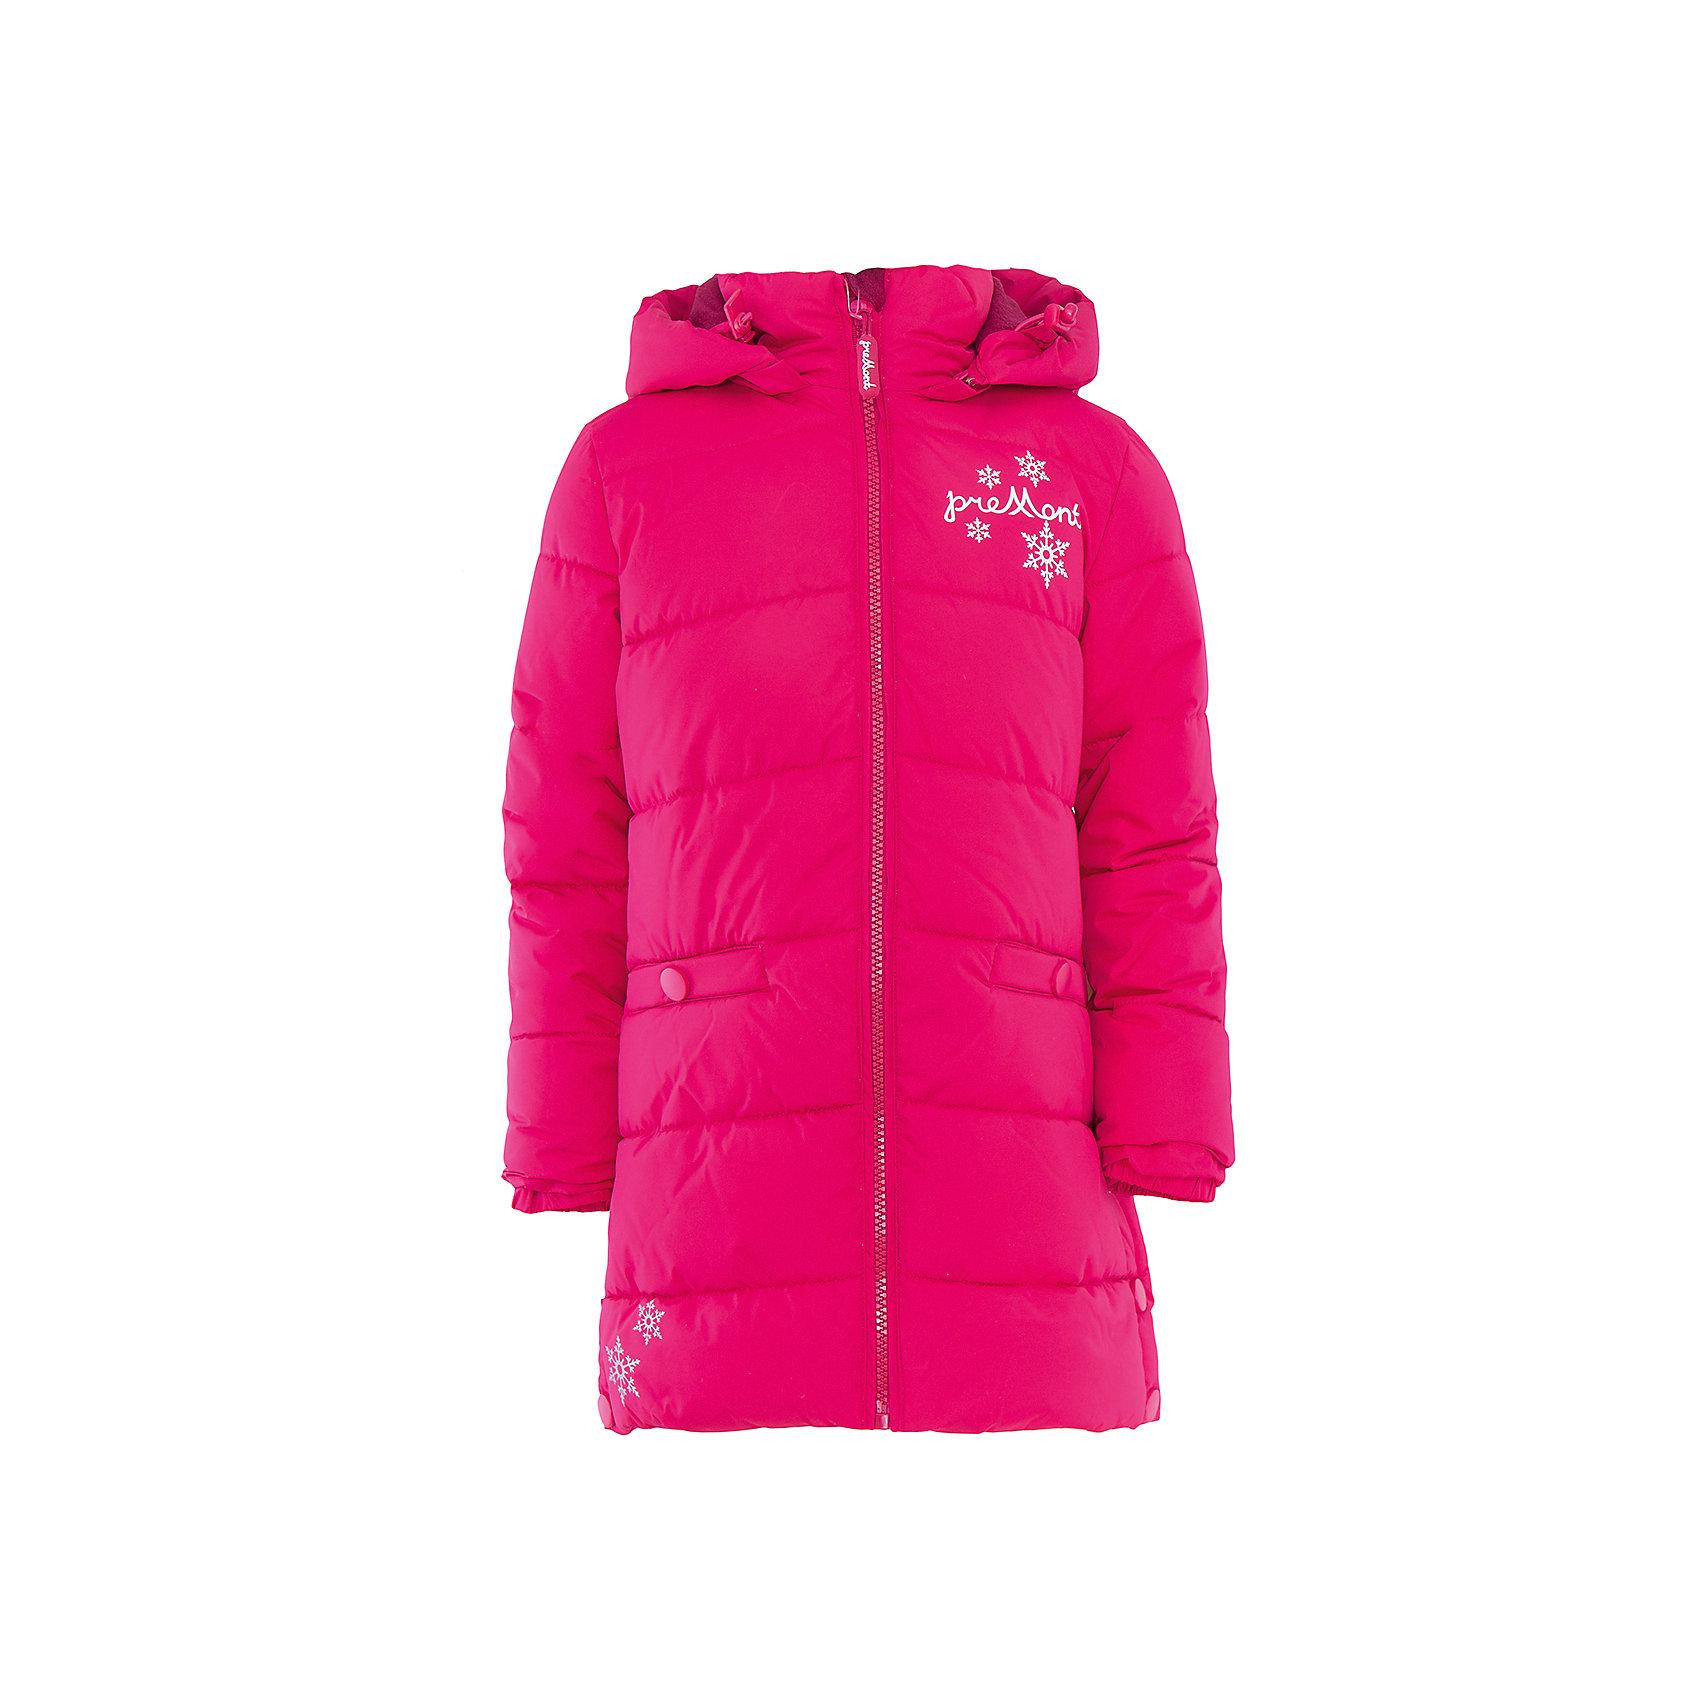 Пальто для девочки PremontПальто для девочки от известного бренда Premont.<br>В некоторых округах Канады клюква является одной из самых популярных ягод. Это связано с холодным климатом страны, ведь клюква самая морозоустойчивая ягода. Также и наше пальто «Морознаяклюква», выполненное в насыщенном сочном клюквенном цвете не даст замерзнуть холодной зимой.<br>Состав:<br>Ткань верха: мембрана 5000мм/5000г/м2/24h <br>Подклад: Polarfleece (тело, капюшон), Taffeta (тело, рукава) <br>Утеплитель: FakeDown (искусственный пух)<br><br>Ширина мм: 356<br>Глубина мм: 10<br>Высота мм: 245<br>Вес г: 519<br>Цвет: розовый<br>Возраст от месяцев: 48<br>Возраст до месяцев: 60<br>Пол: Женский<br>Возраст: Детский<br>Размер: 110,146,140,134,128,122,116<br>SKU: 4996719